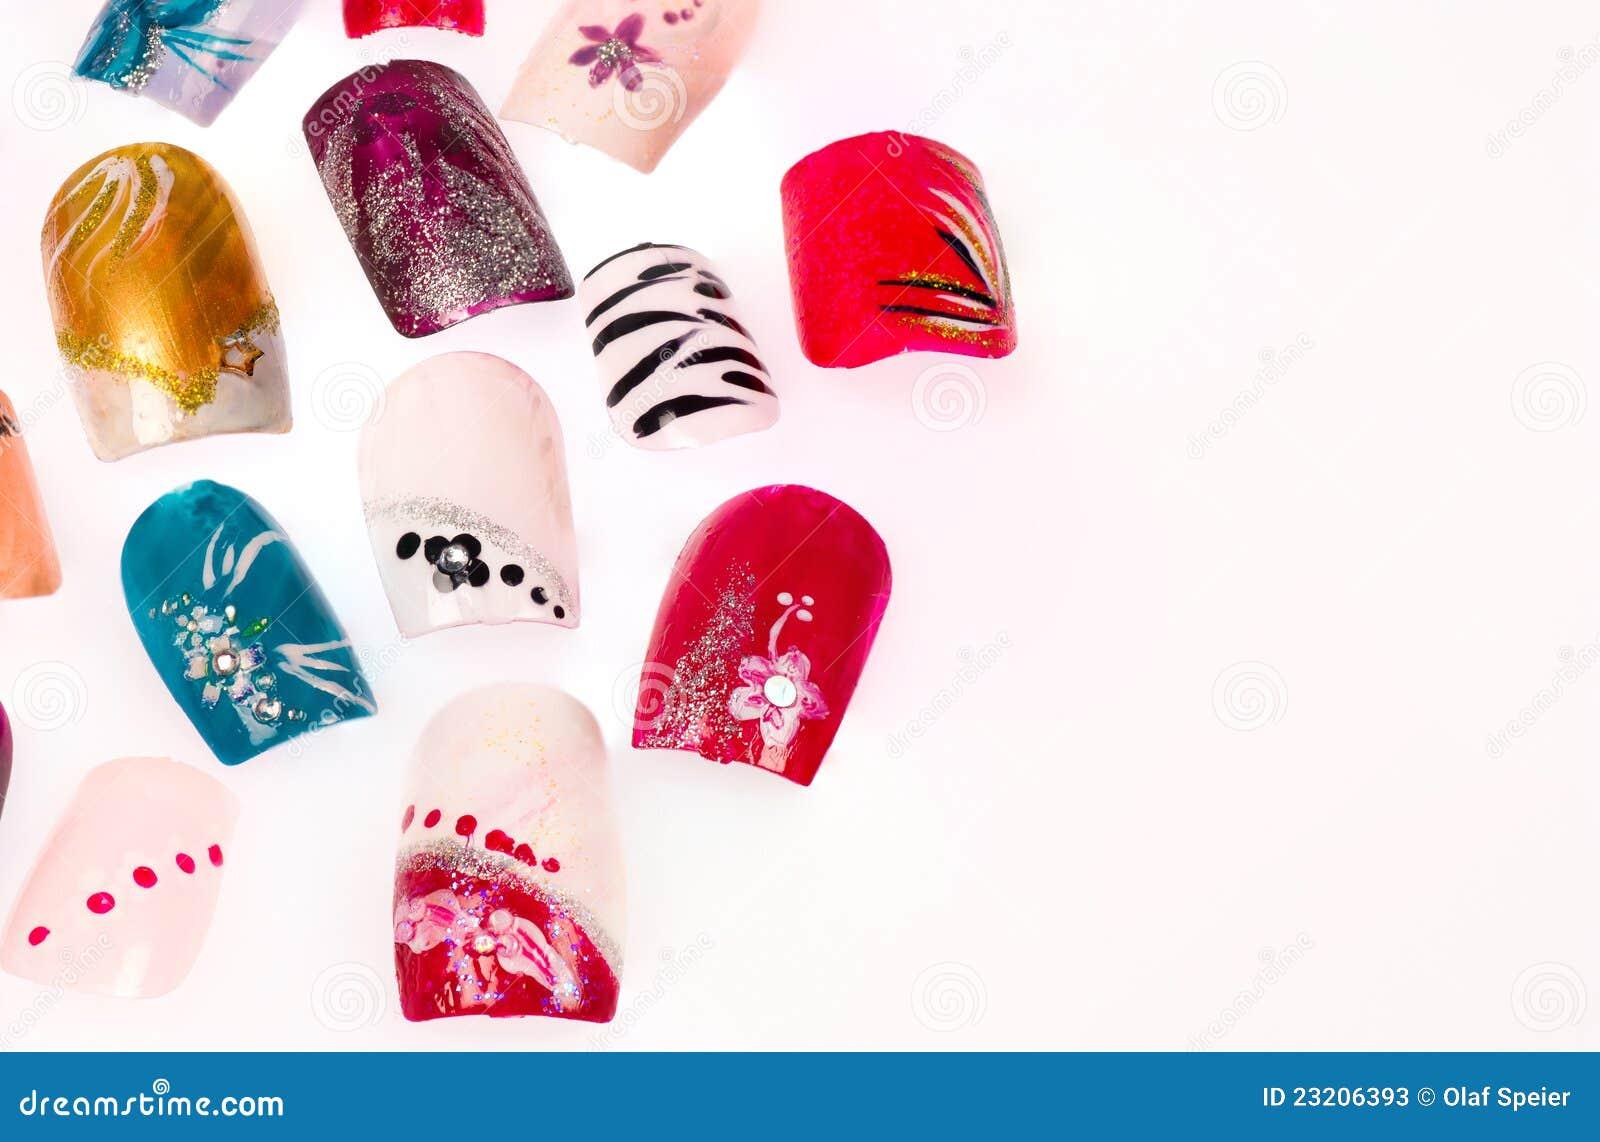 Искусственные ногти дизайн каталоги